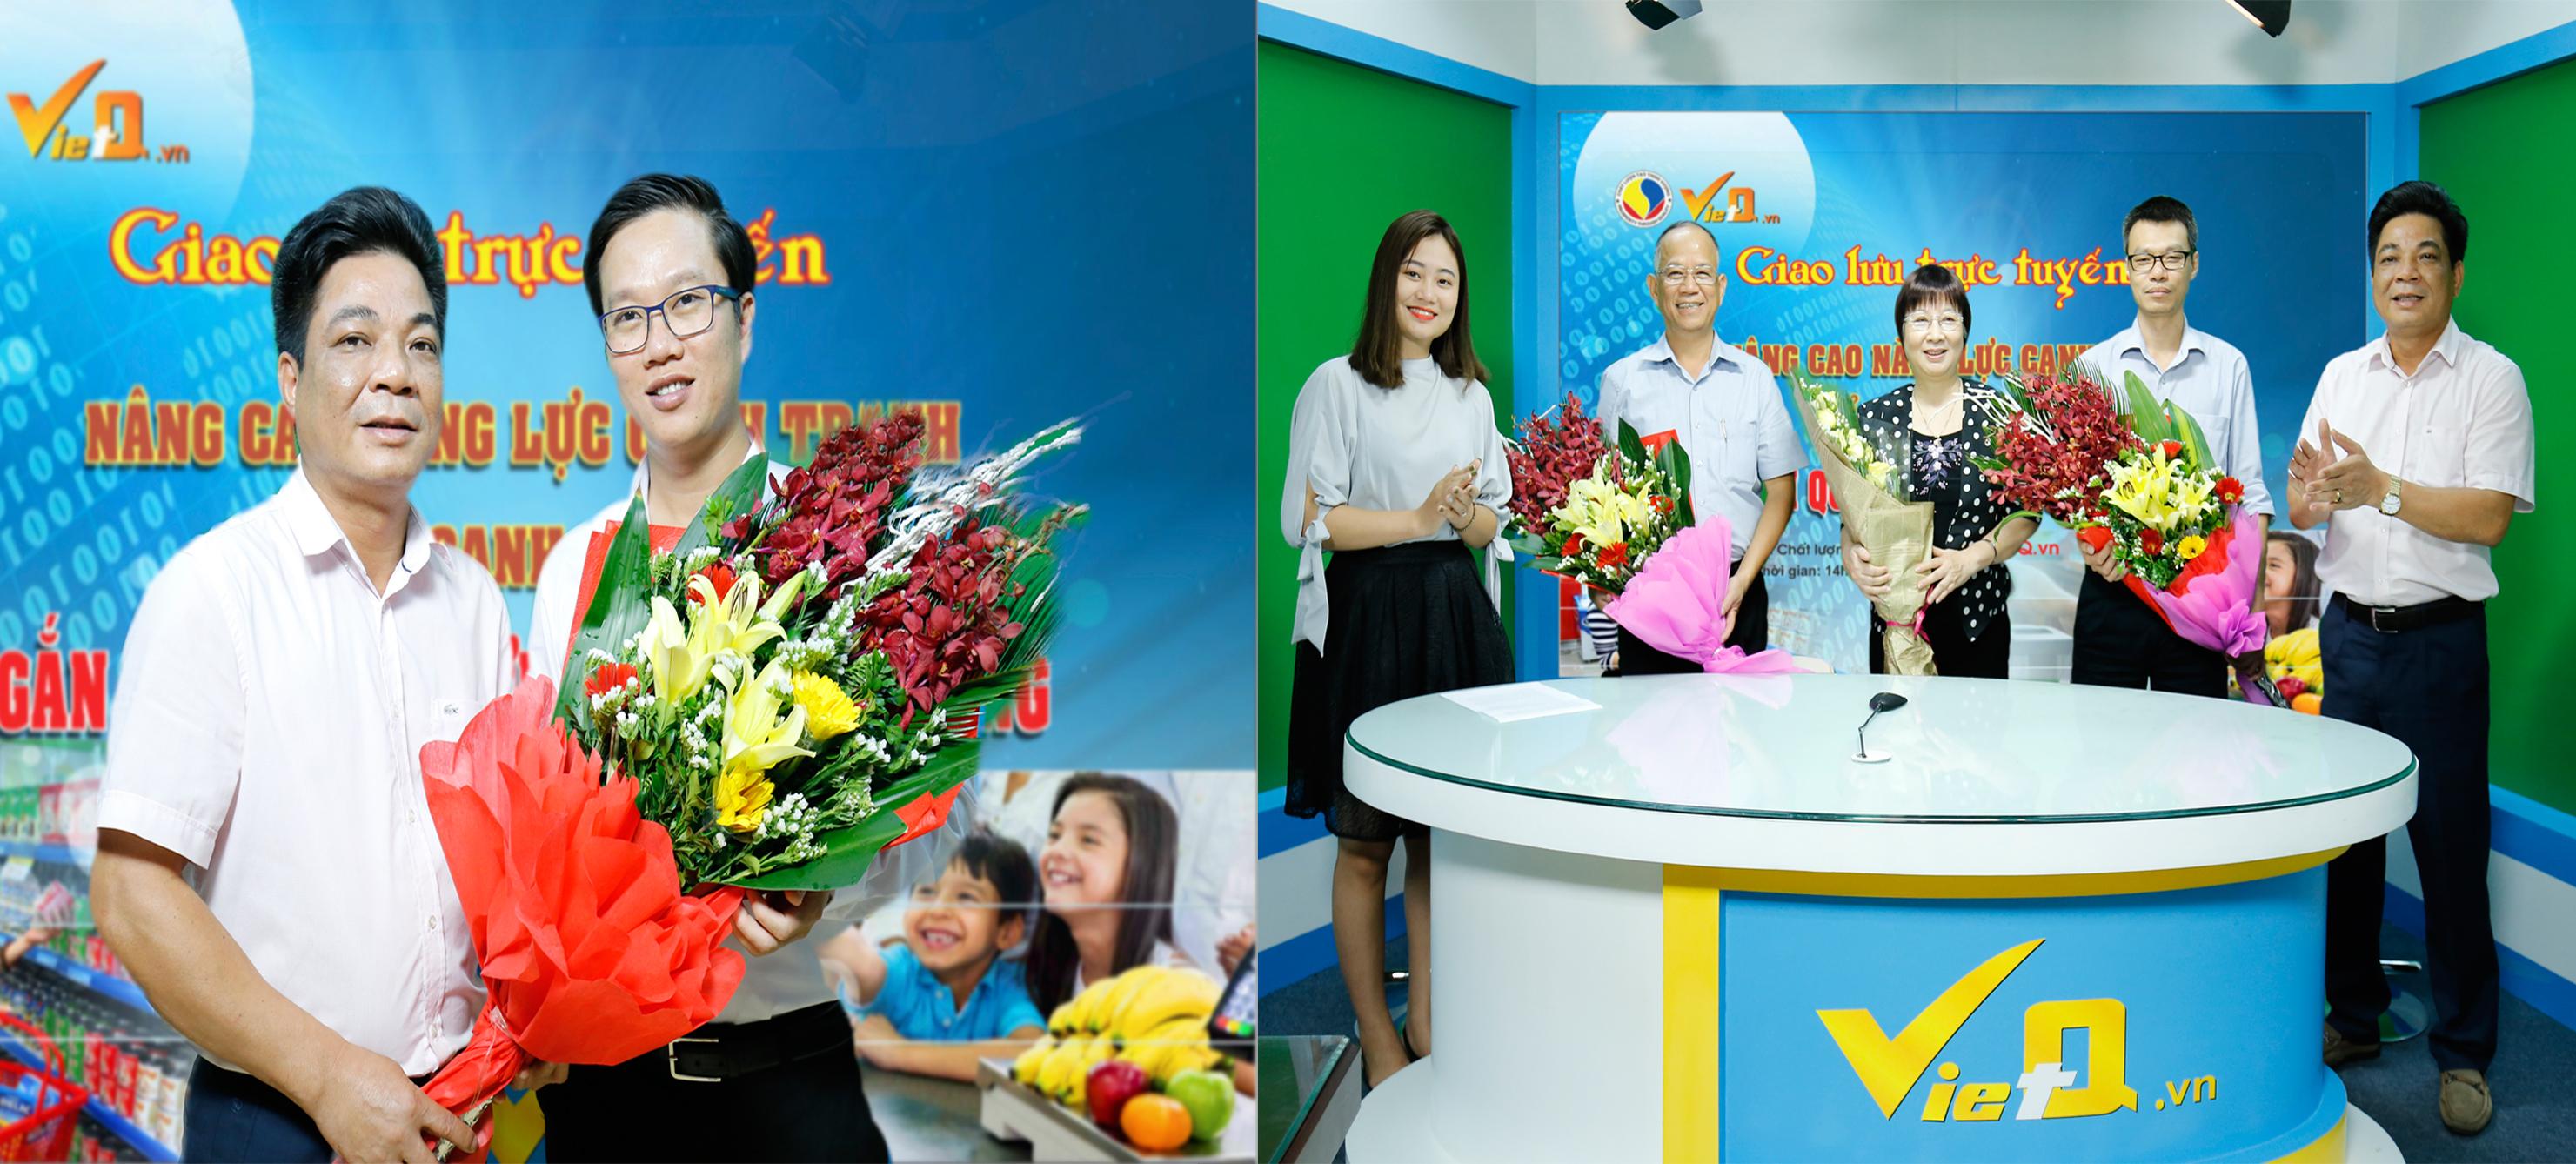 Tổng Biên tập Trần Văn Dư tặng hoa các khách mời tham dự giao lưu trực tuyến 'Nâng cao năng lực cạnh tranh của doanh nghiệp gắn với quyền lợi người tiêu dùng'